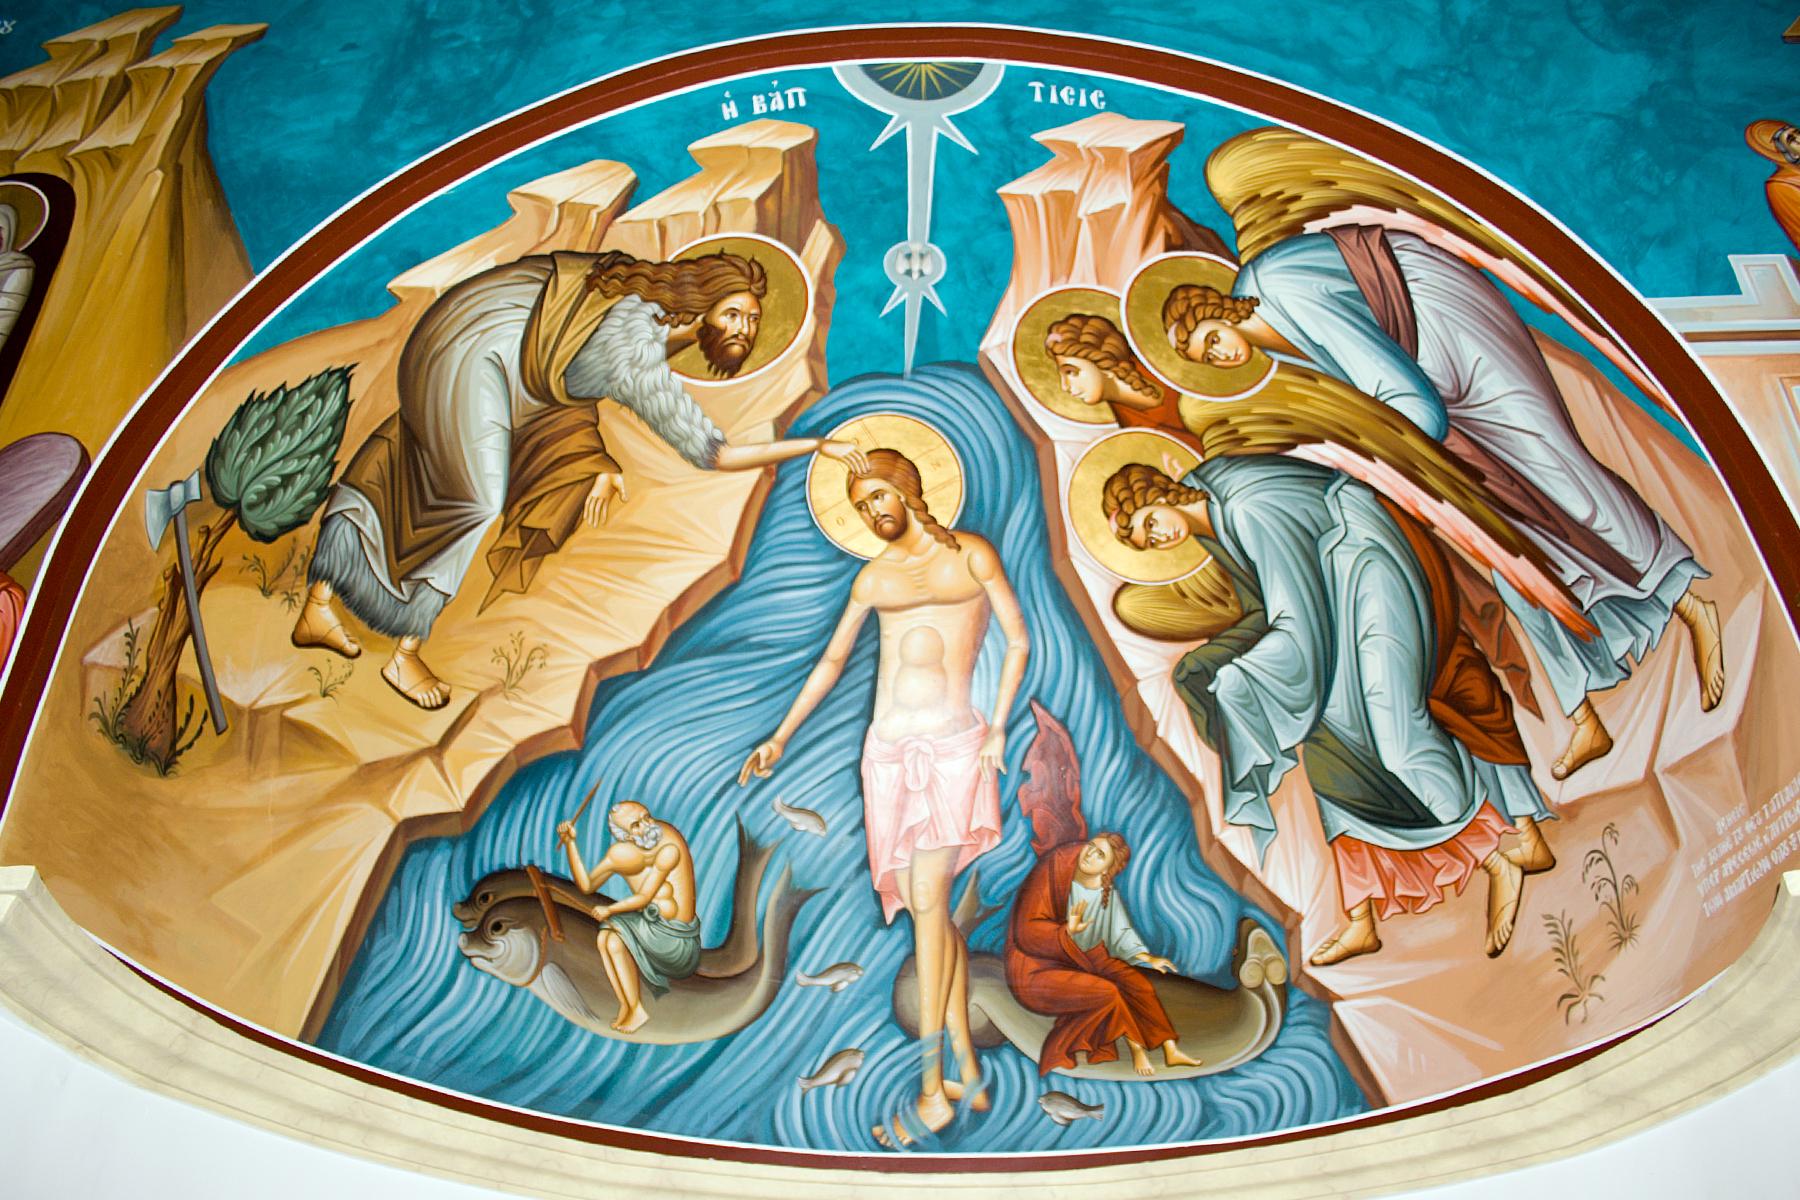 Αποτέλεσμα εικόνας για Θεολογικά κάλαντα Θεοφανείων από την βυζαντινή Πάτμο